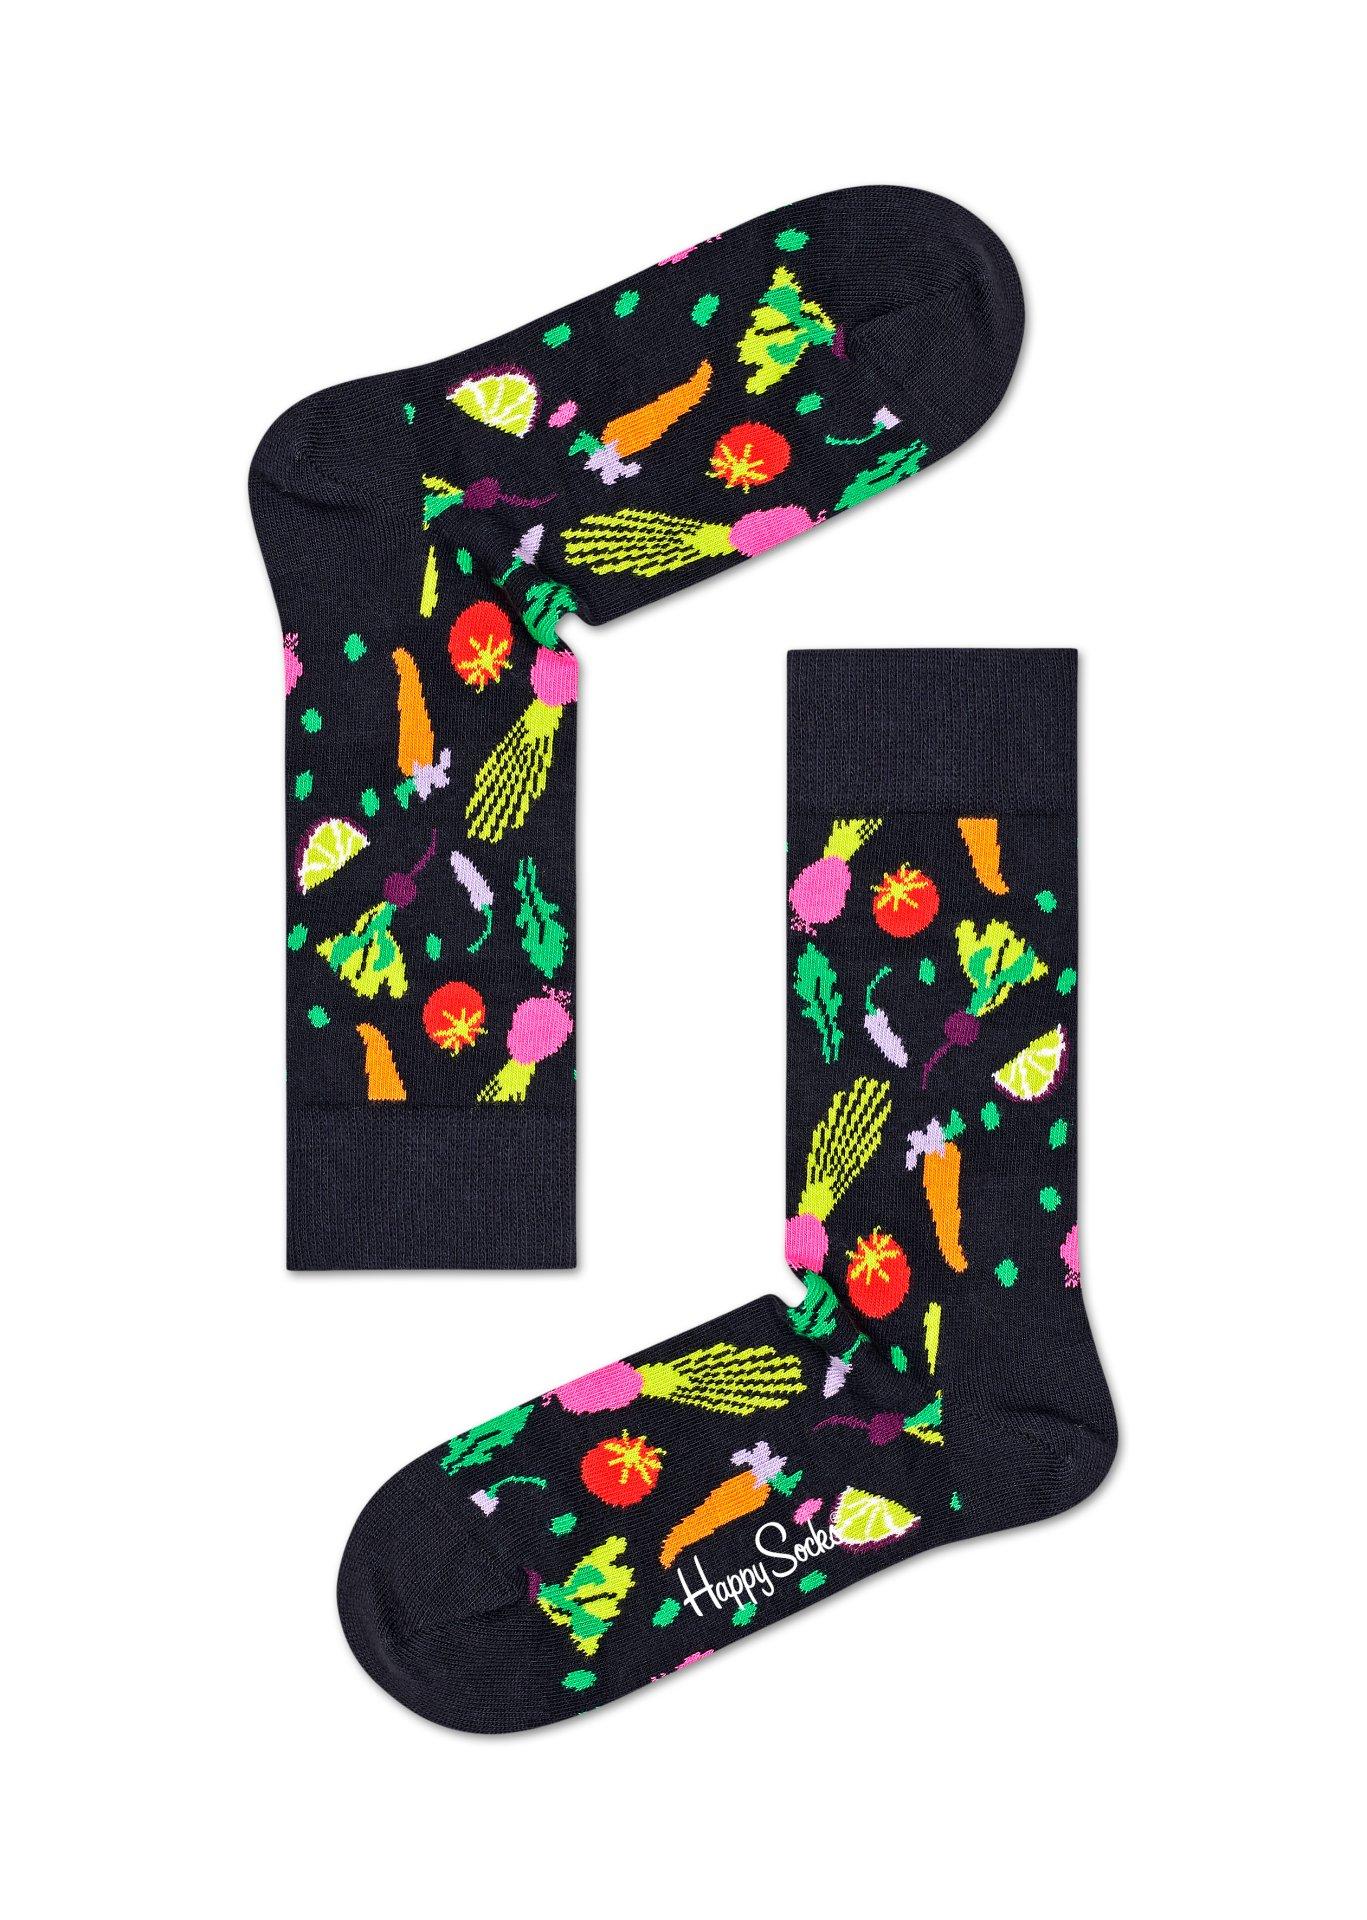 Happy Socks Veggie Socks 1 paar kousen 36-40